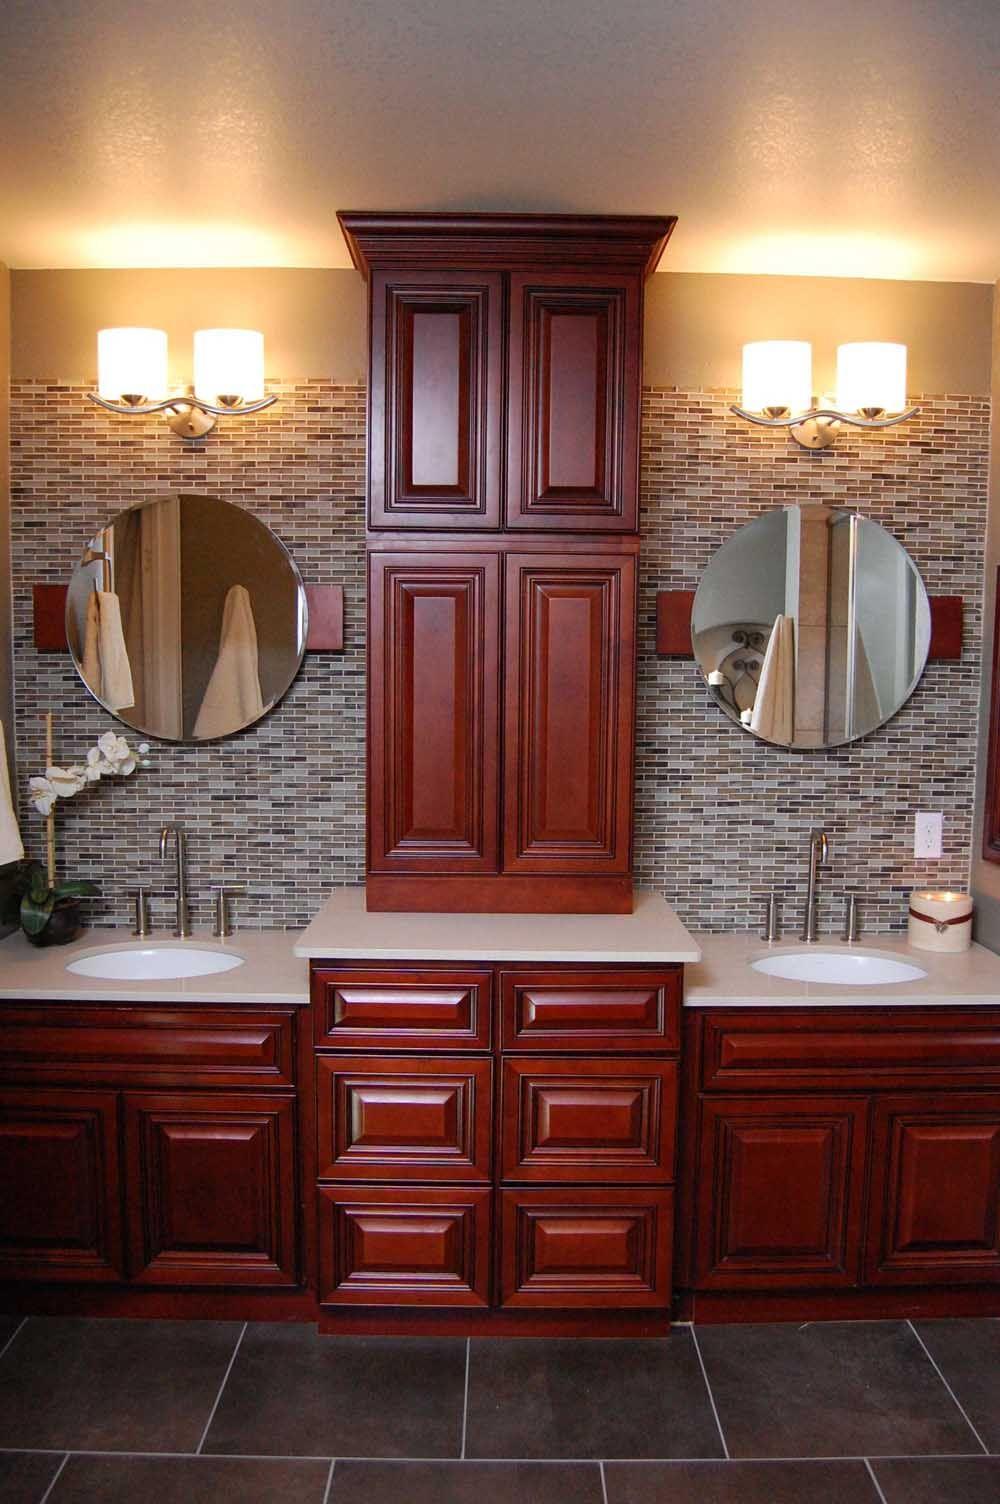 bathroom vanity cabinets bunnings training4green com interior rh za pinterest com